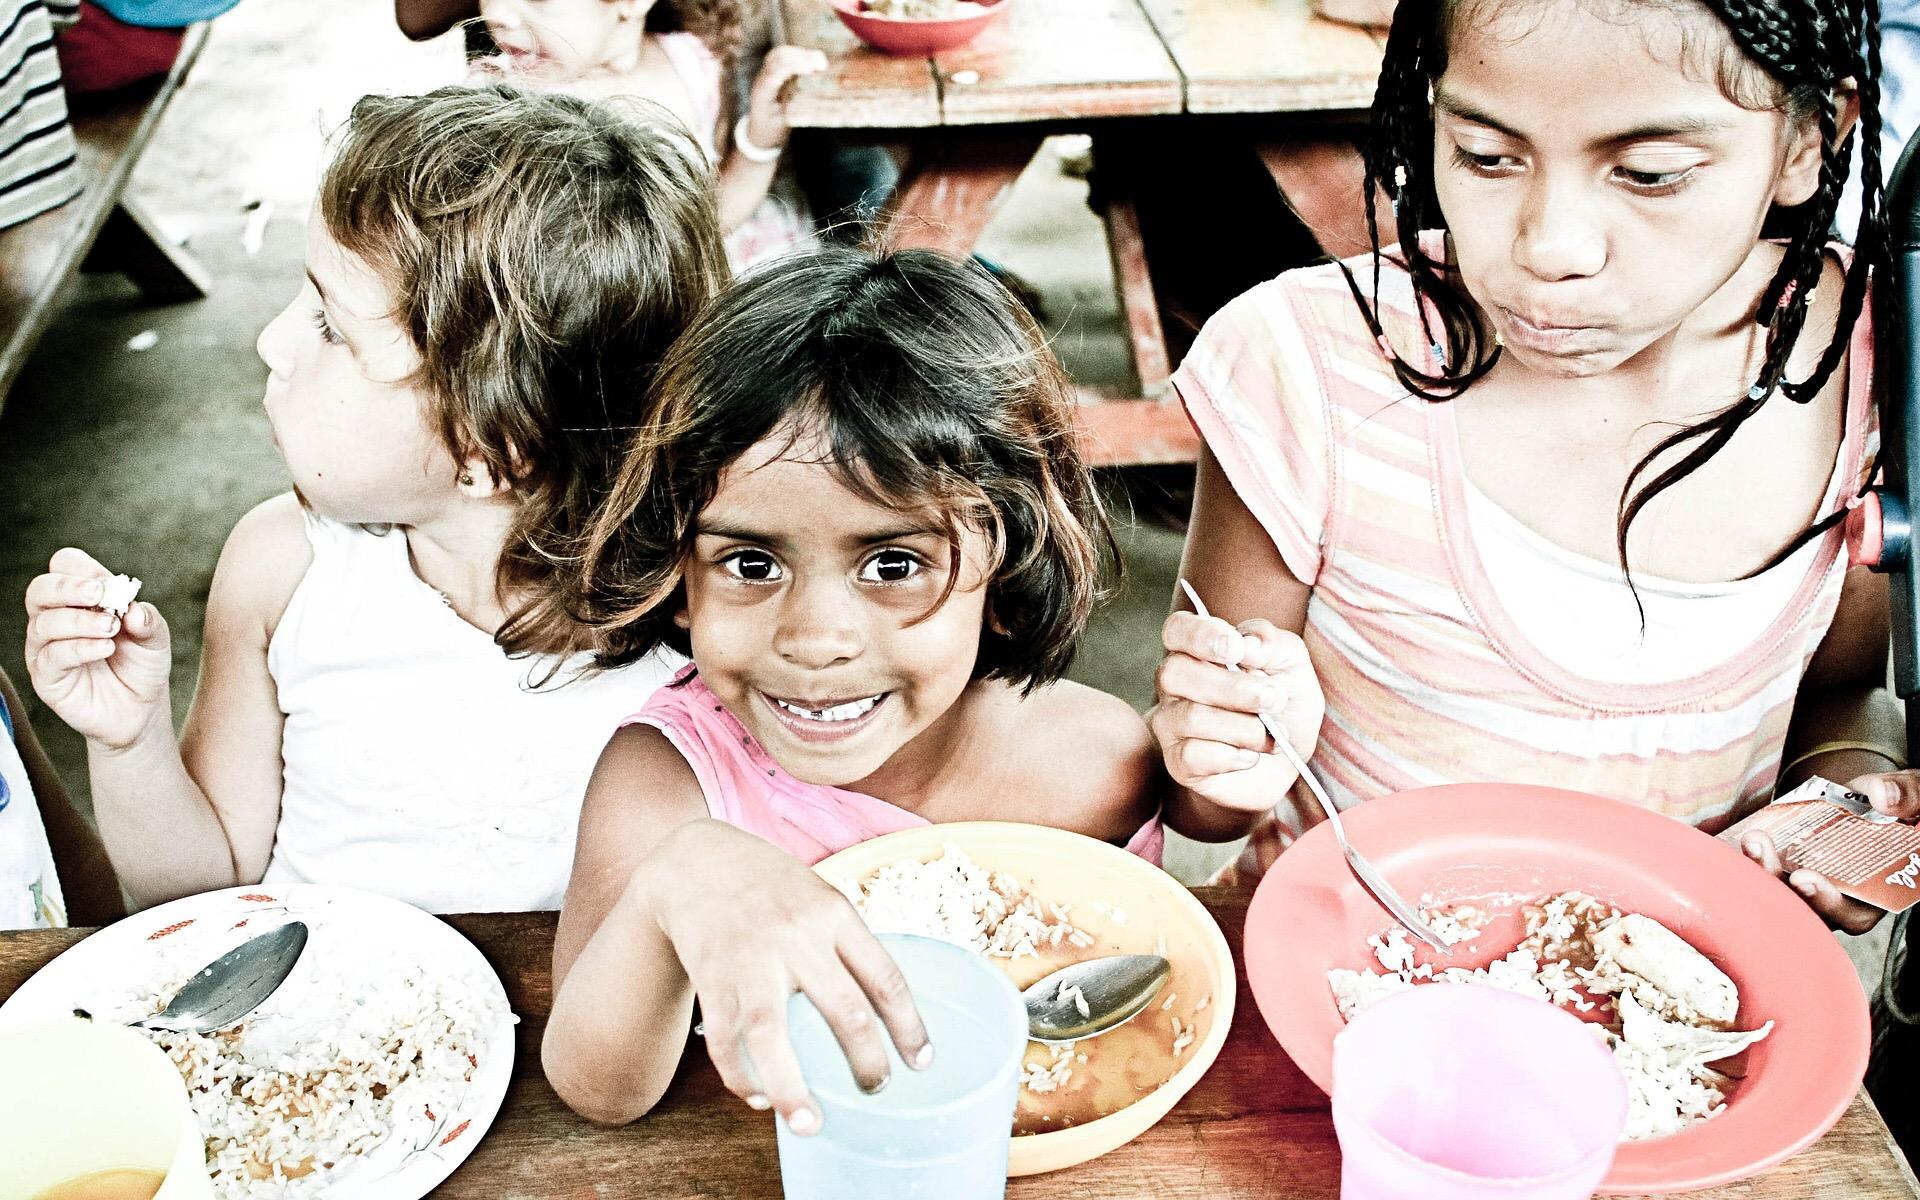 Underweight and Undernourishment decreased 50% since 1990